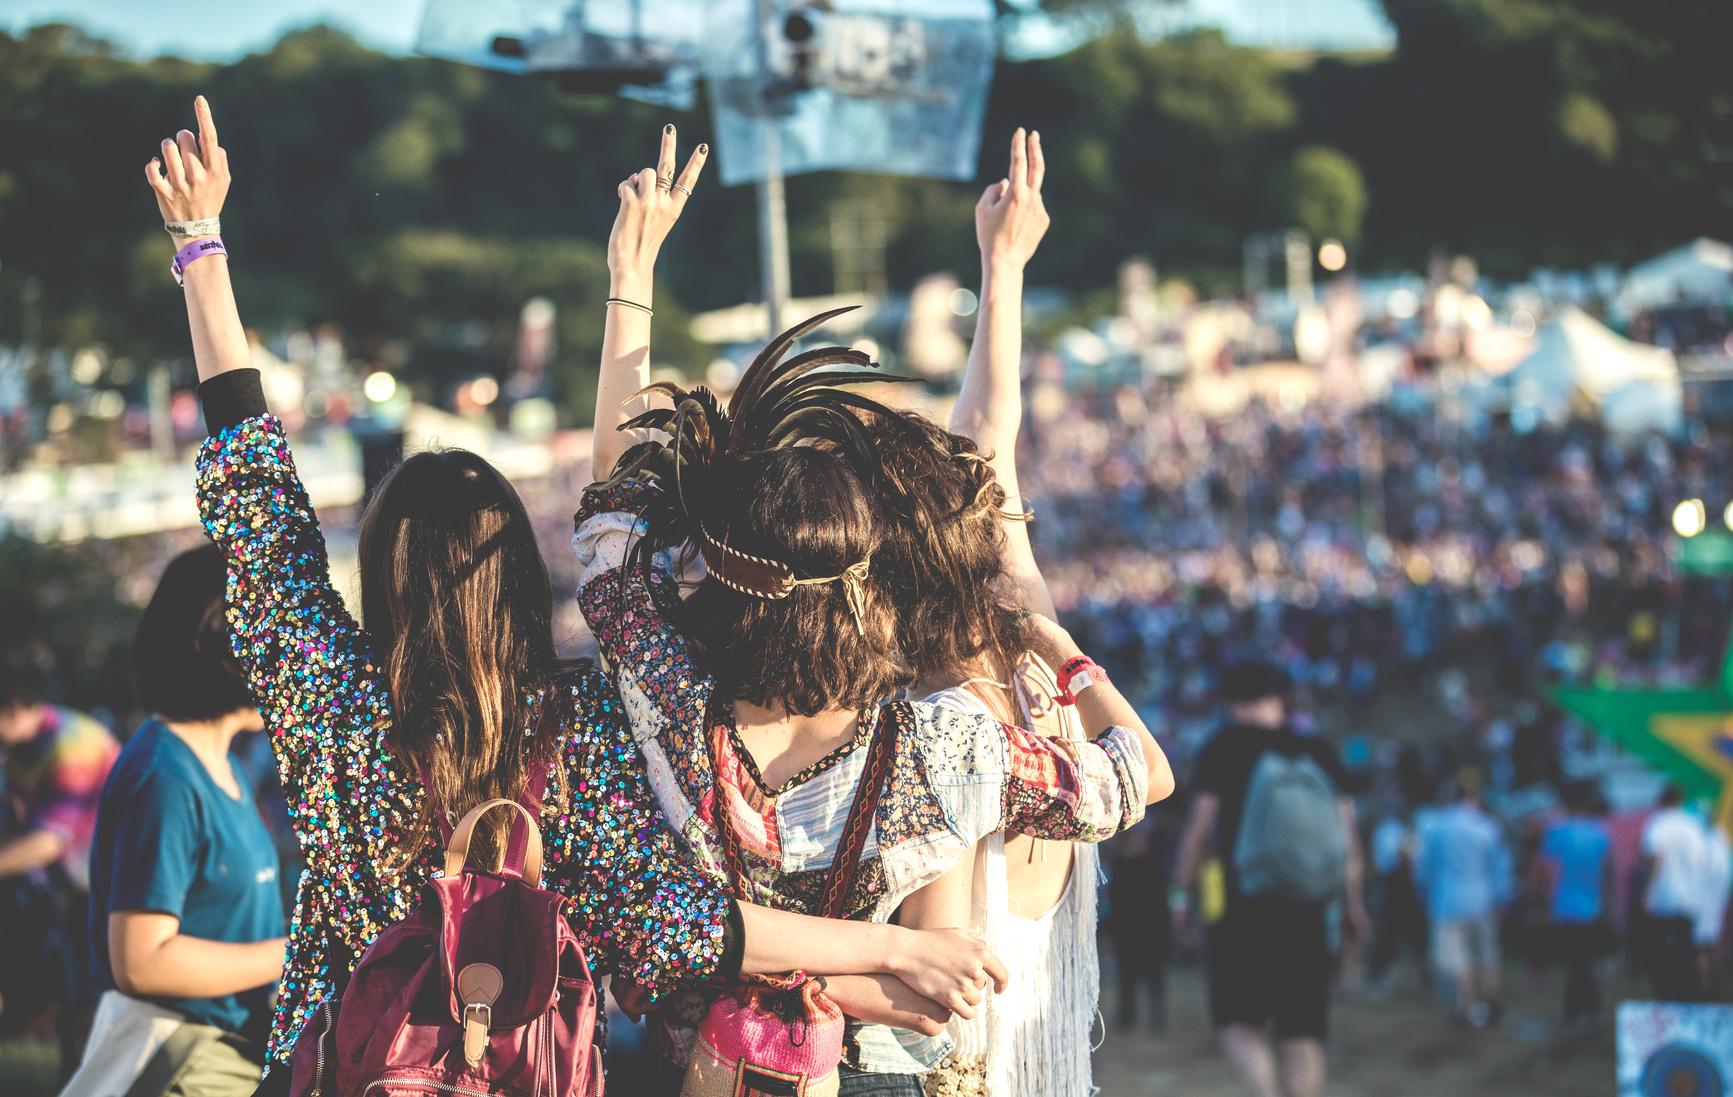 Festiwal muzyczny latem